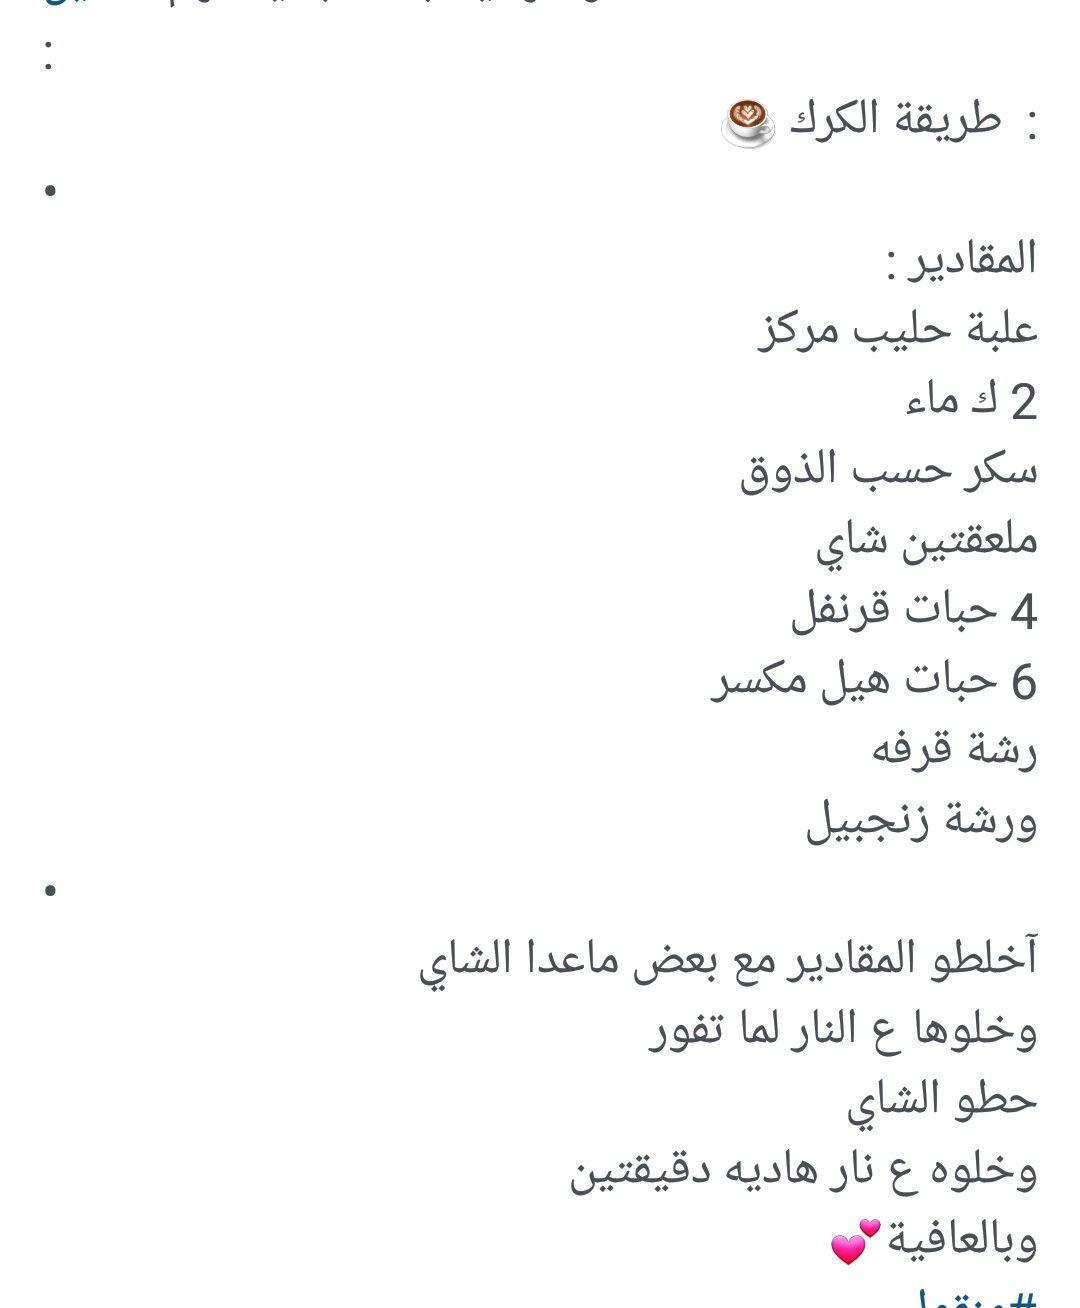 شاي كرك Arabic Food Food Receipes Hot Chocolate Recipes